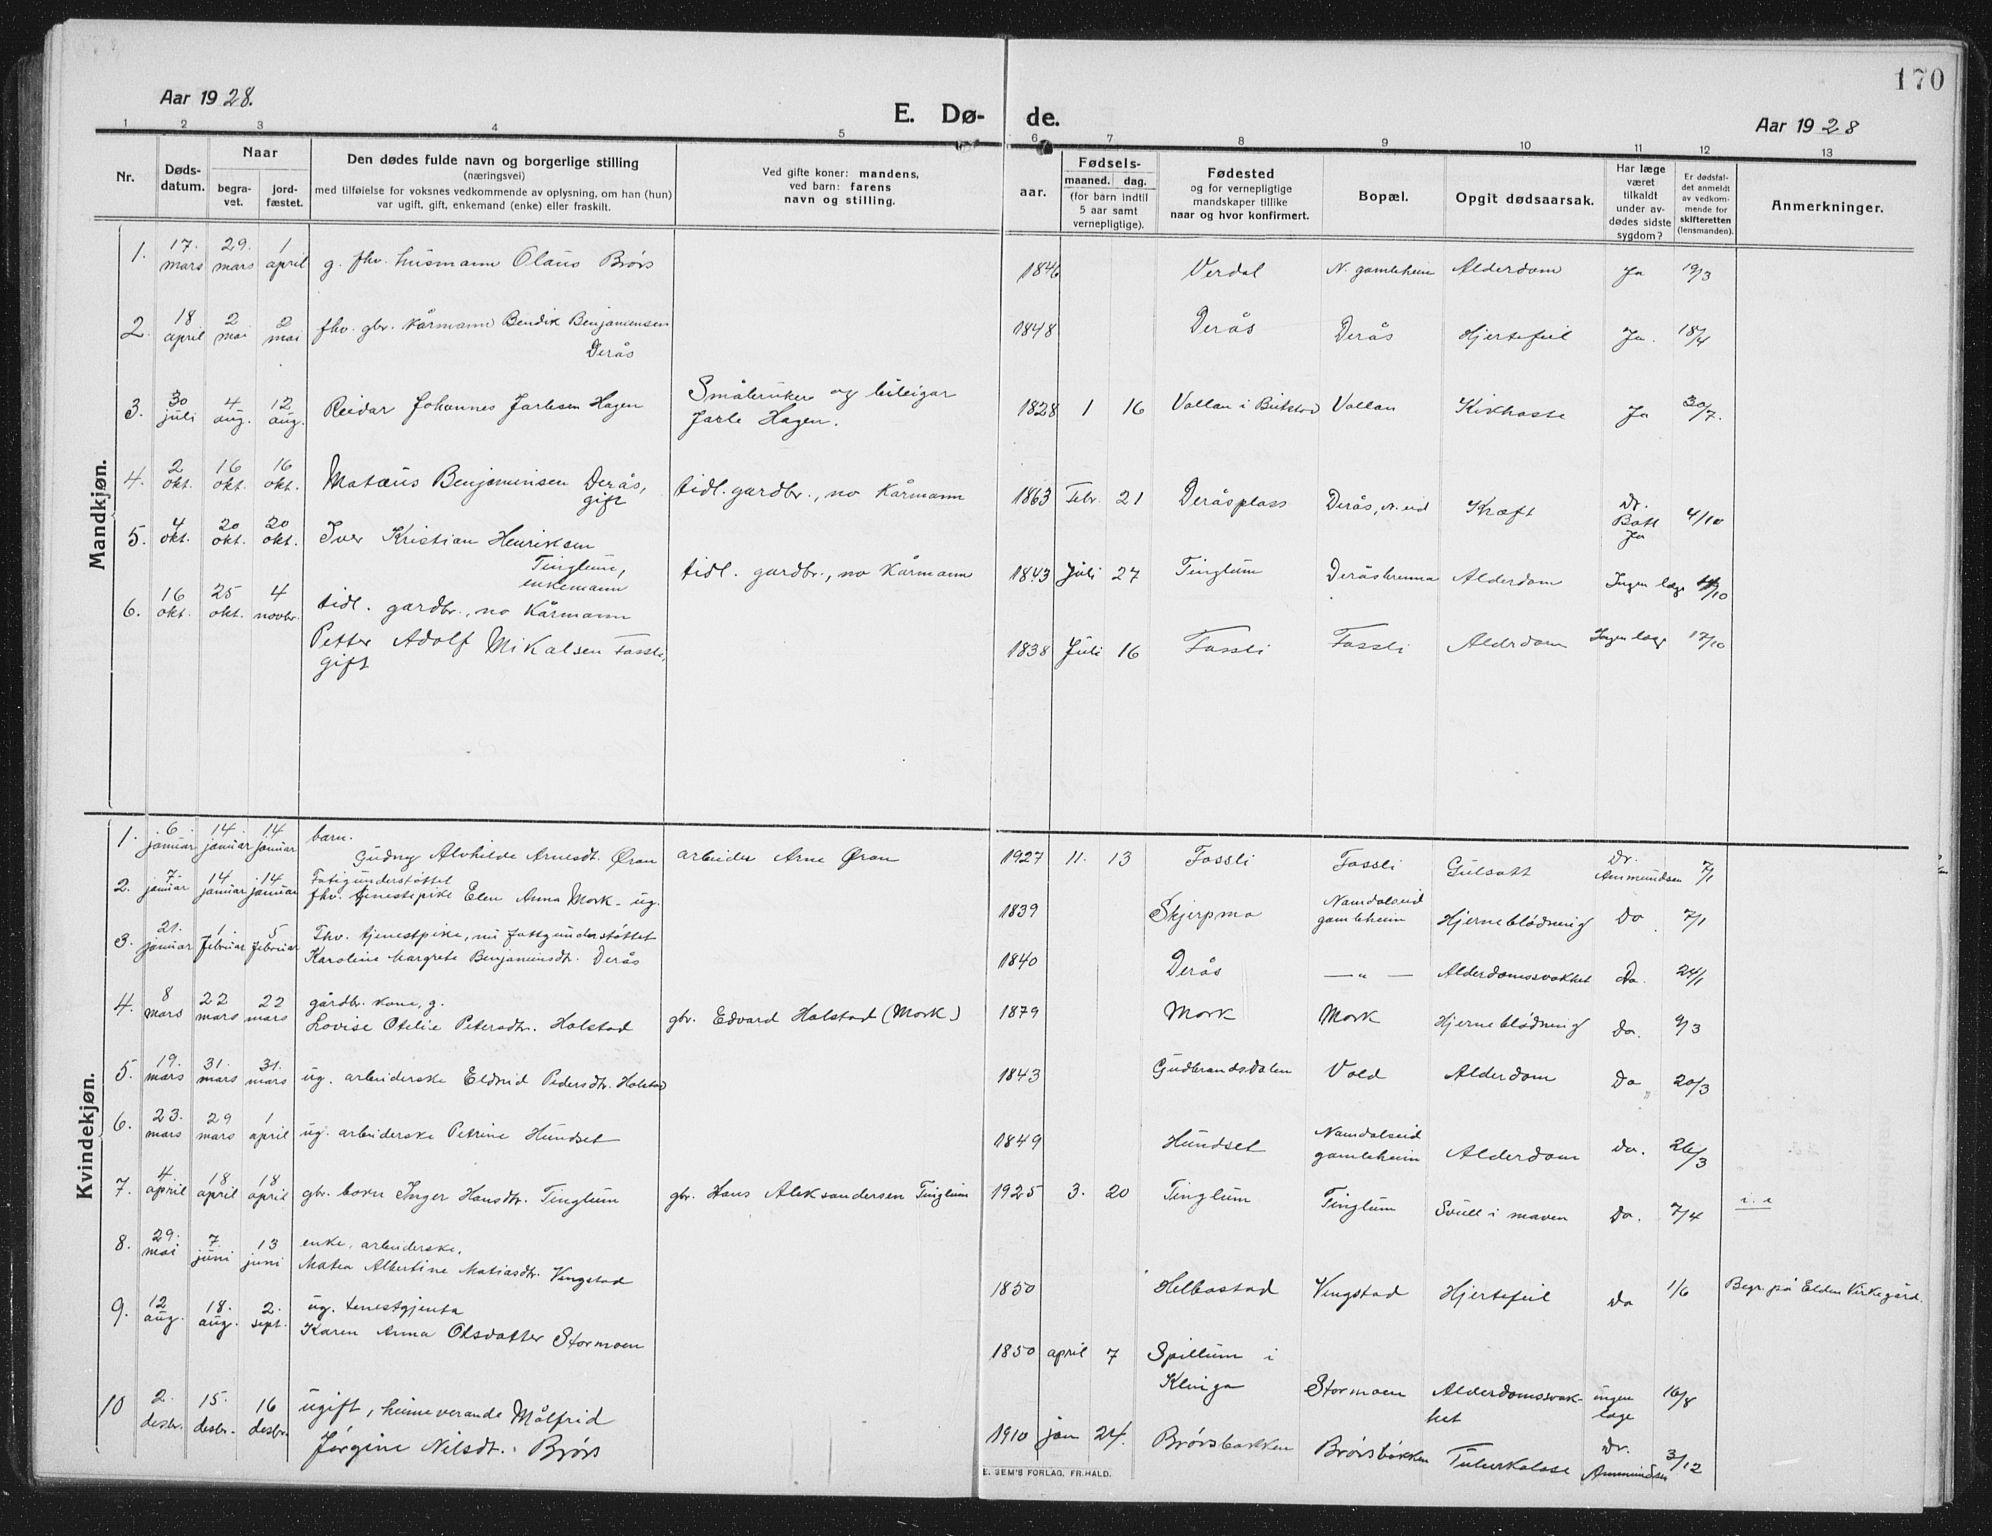 SAT, Ministerialprotokoller, klokkerbøker og fødselsregistre - Nord-Trøndelag, 742/L0413: Klokkerbok nr. 742C04, 1911-1938, s. 170